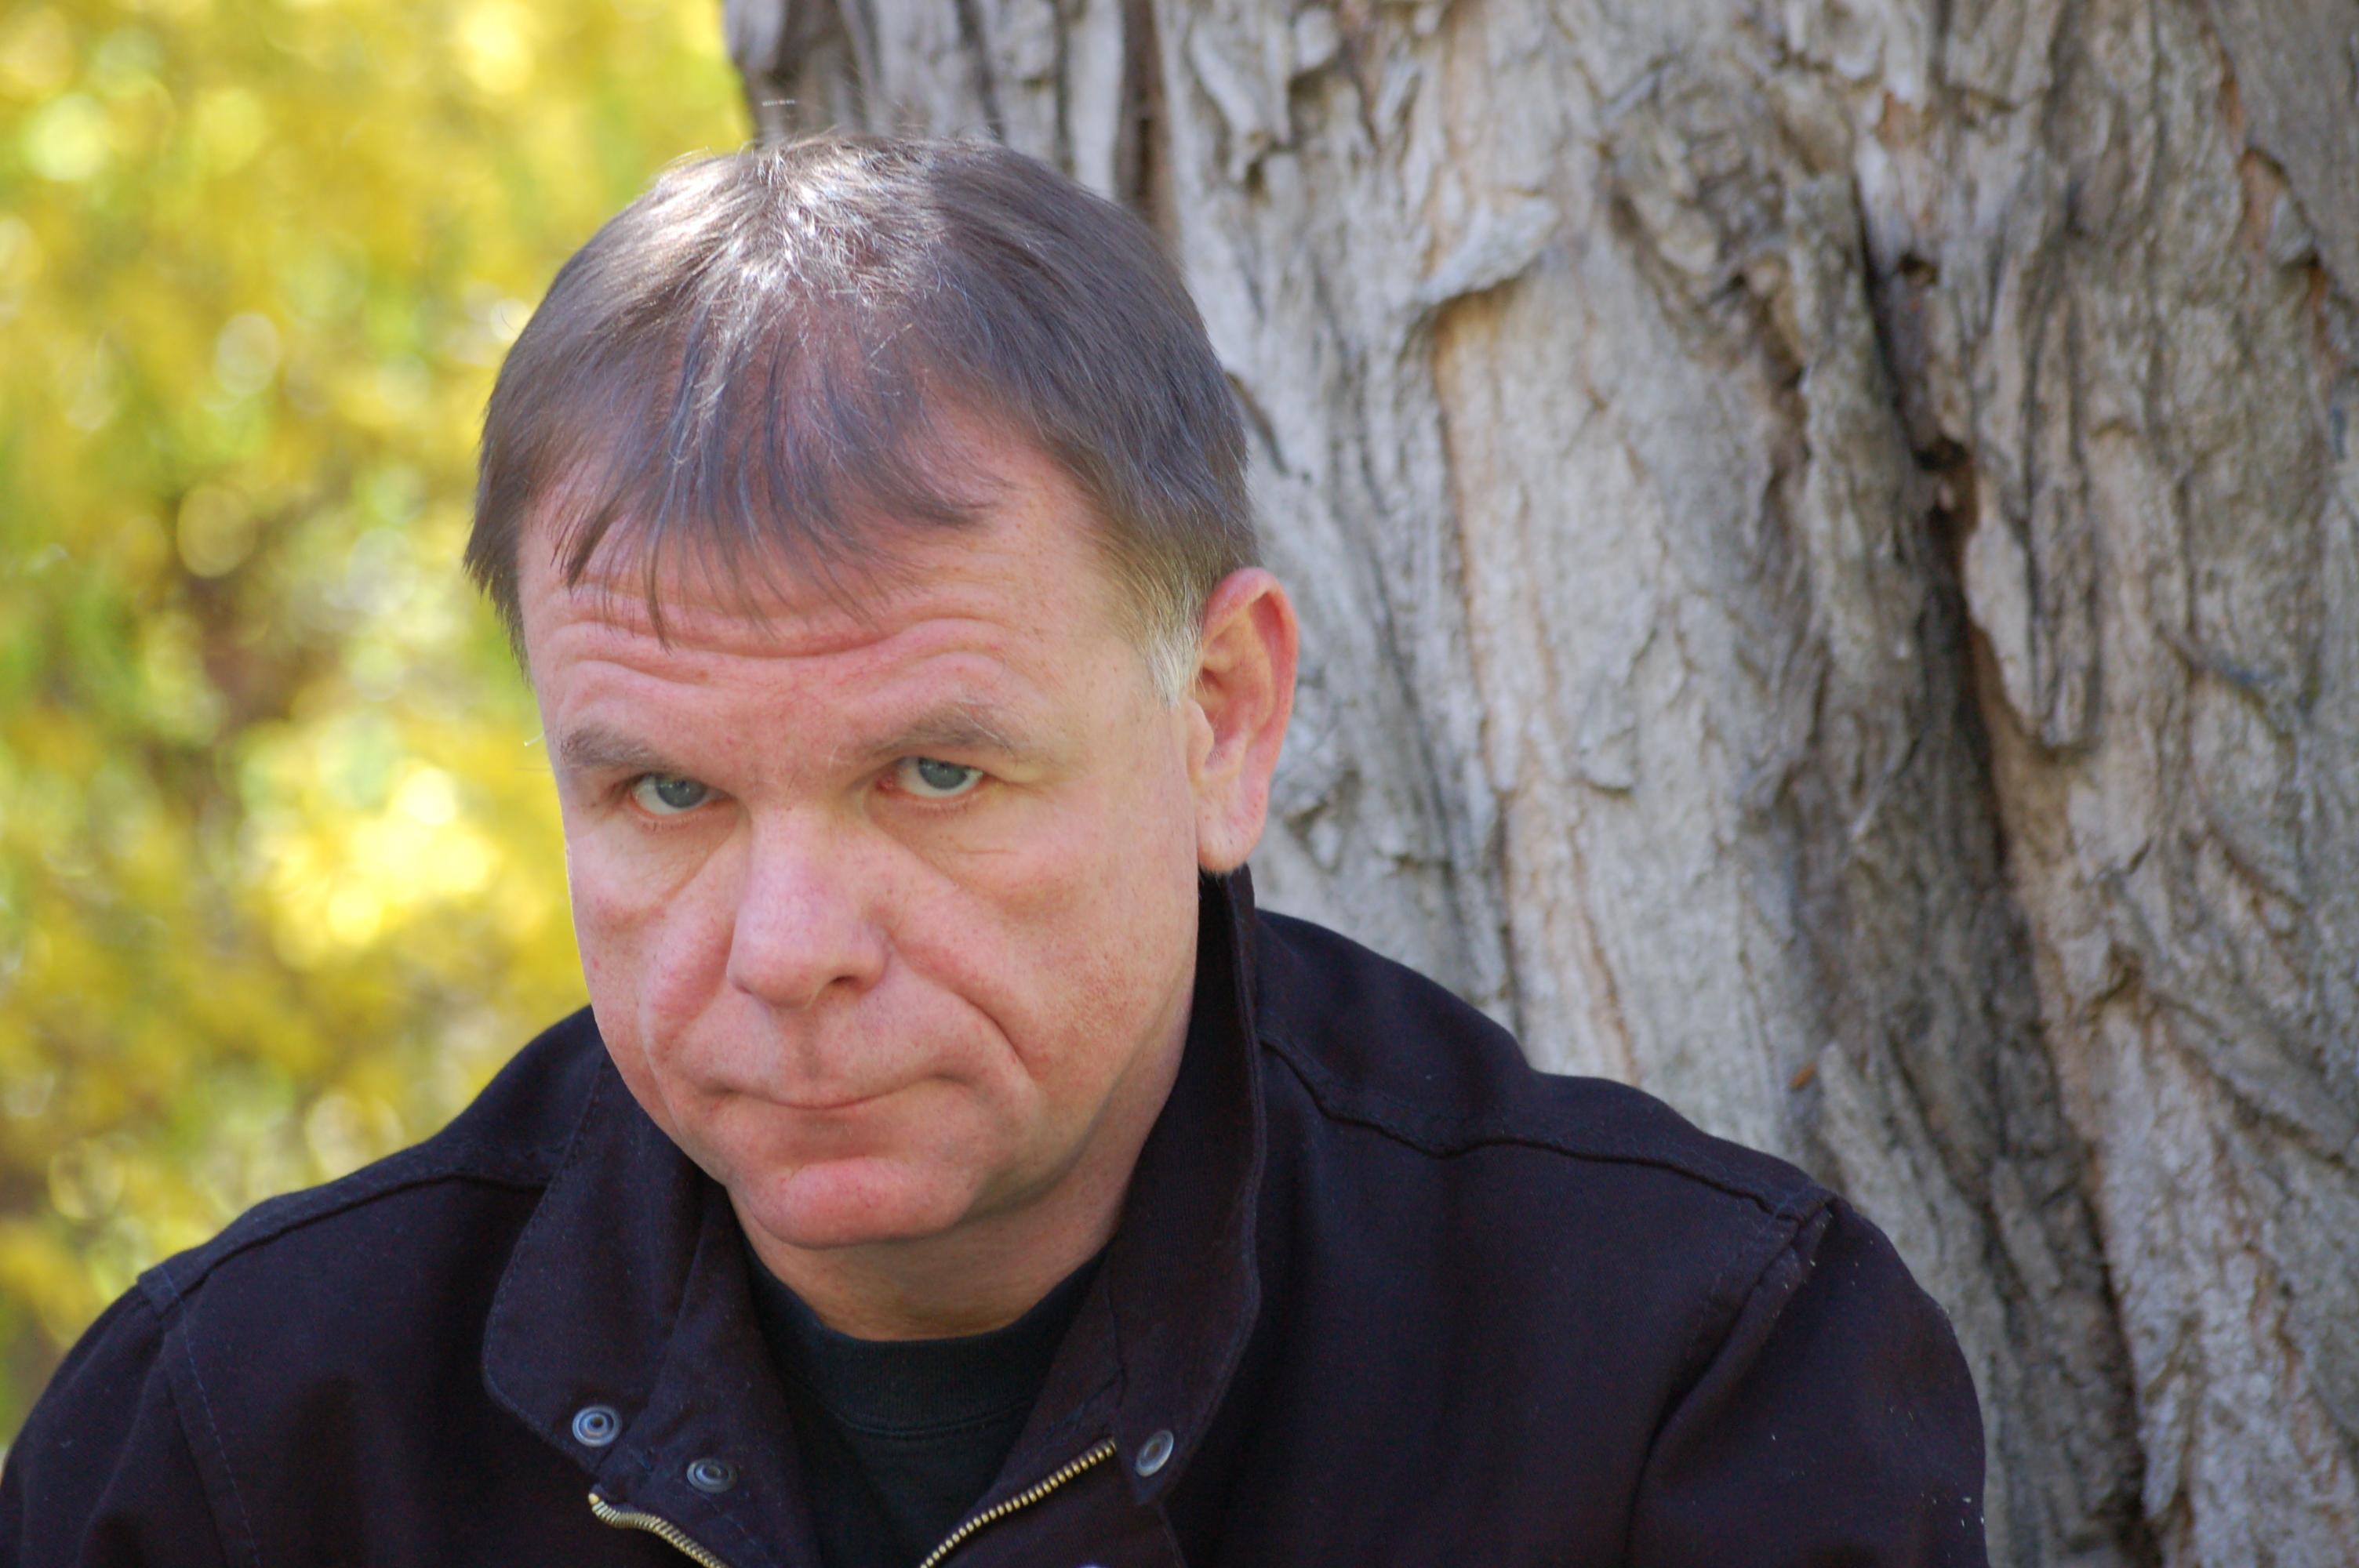 Jarosław Gruda